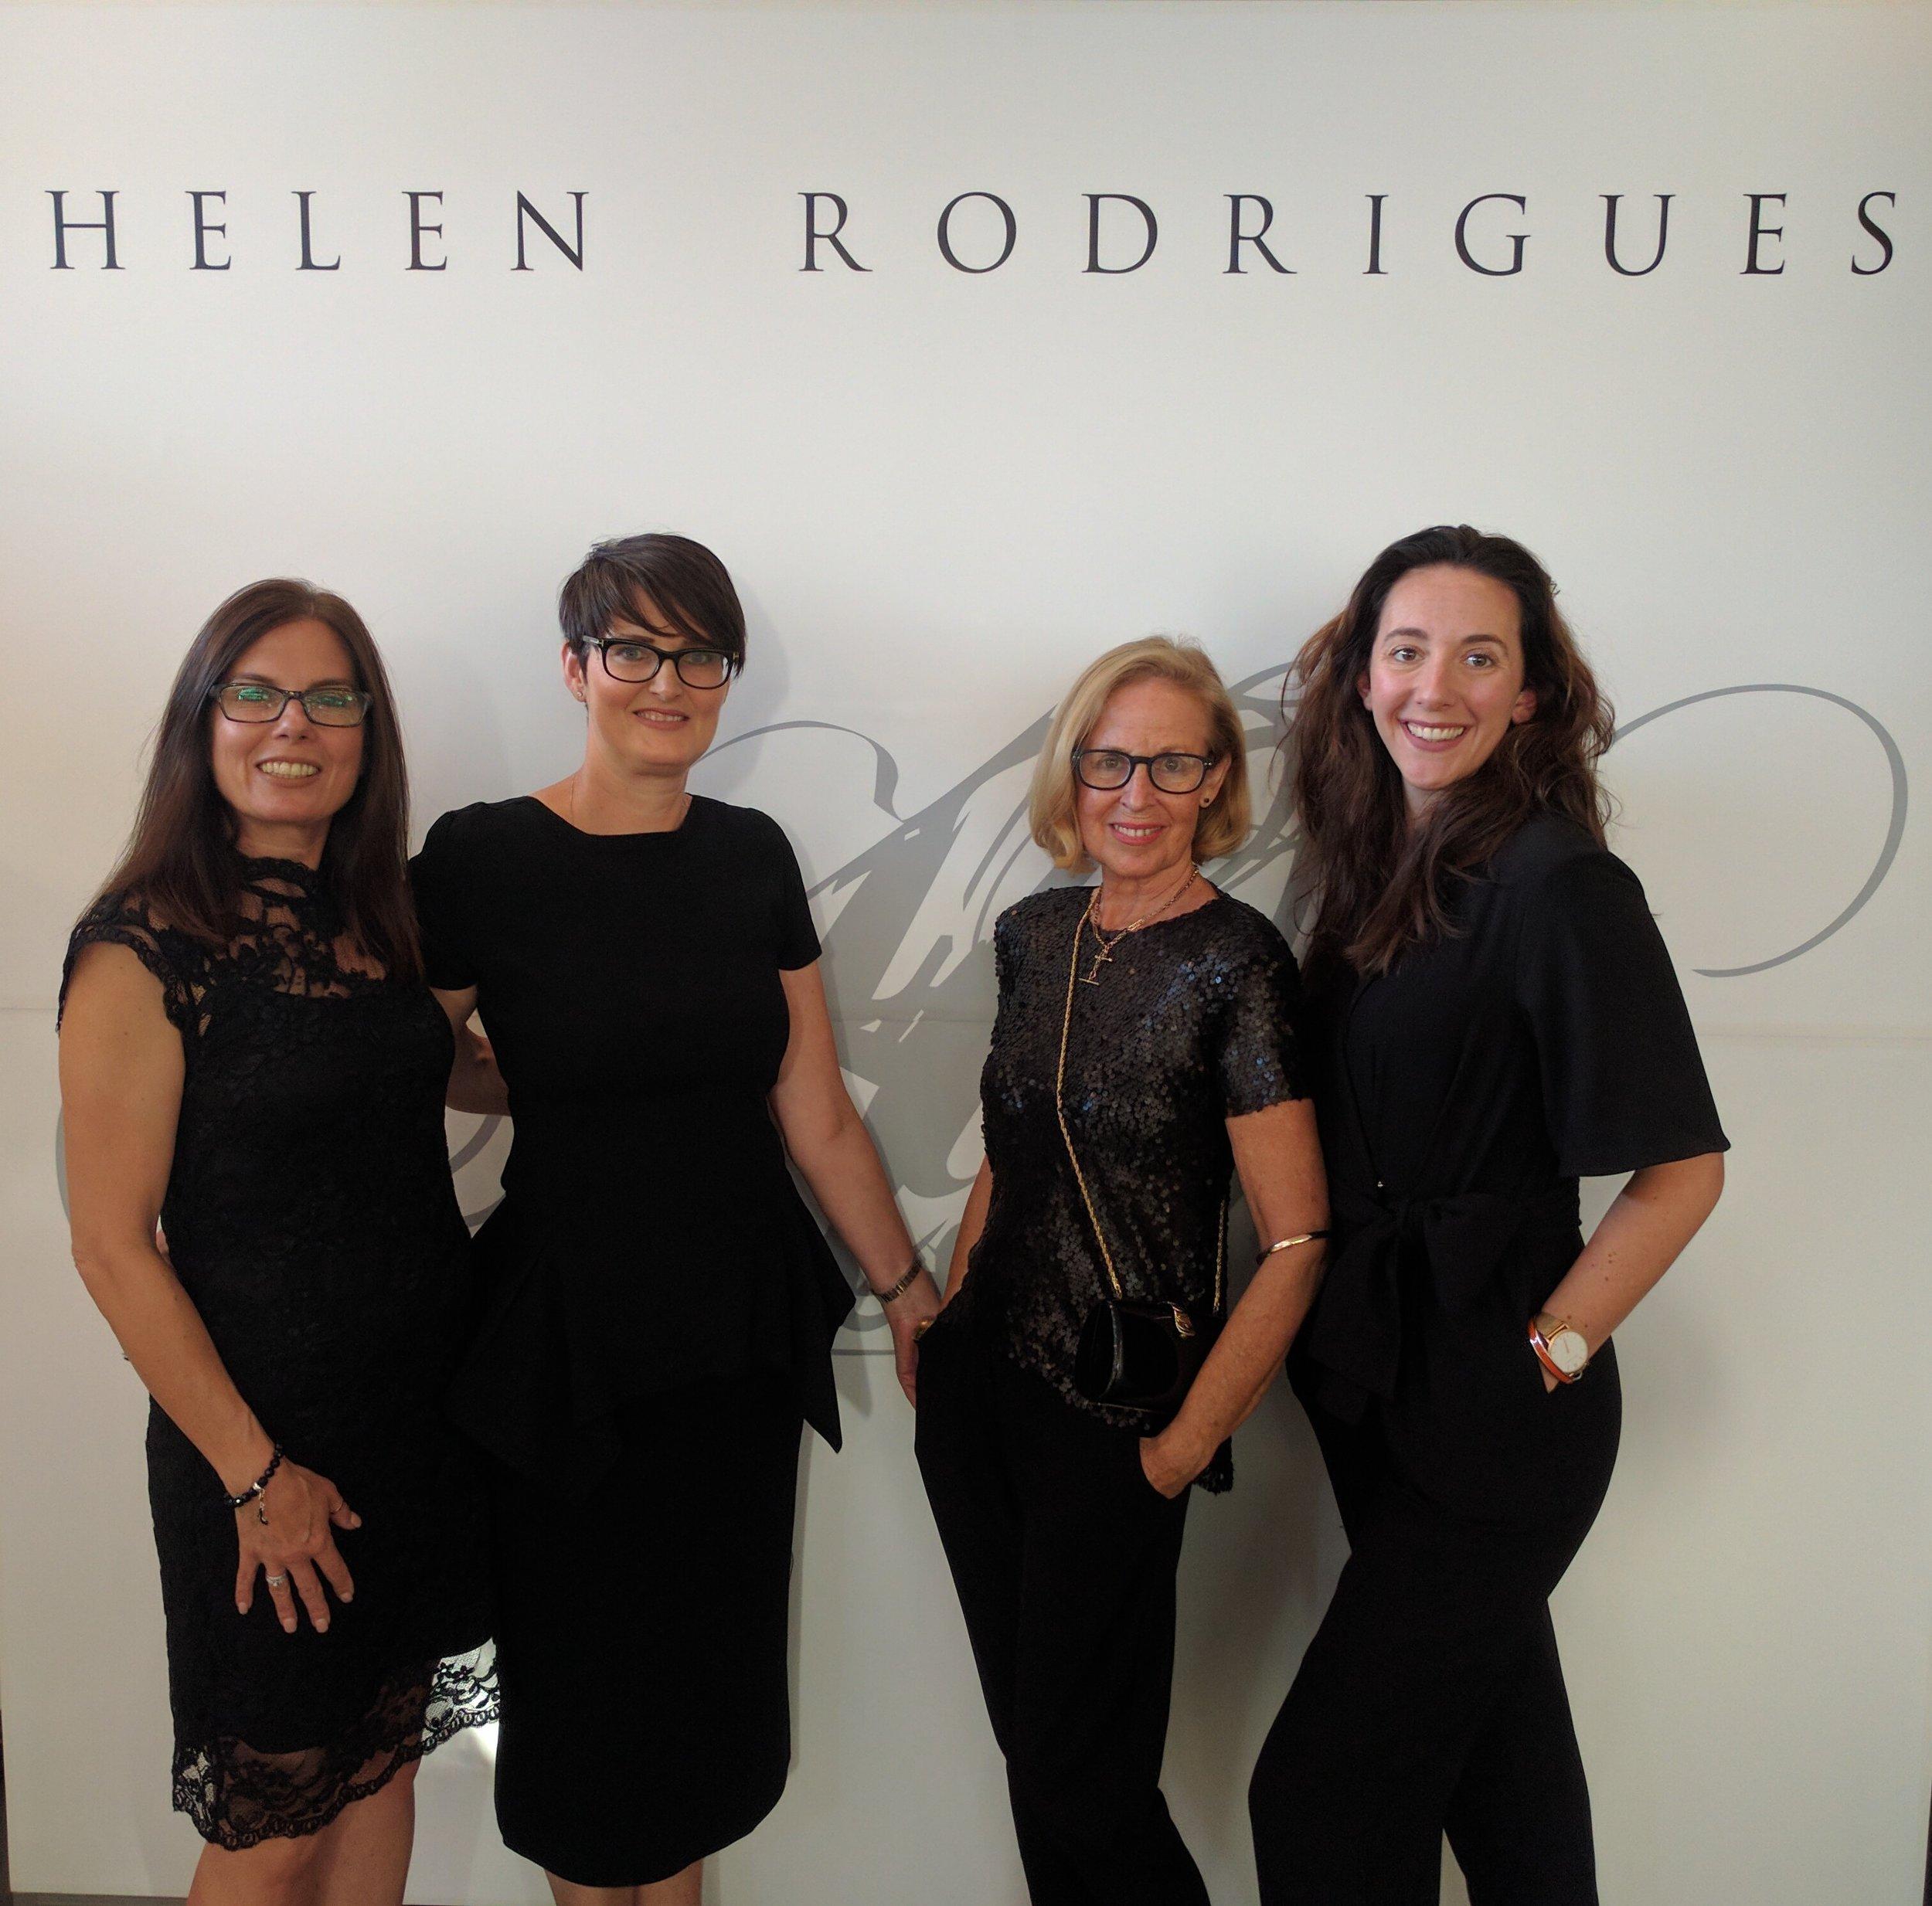 helen-rodrigues-team.jpg